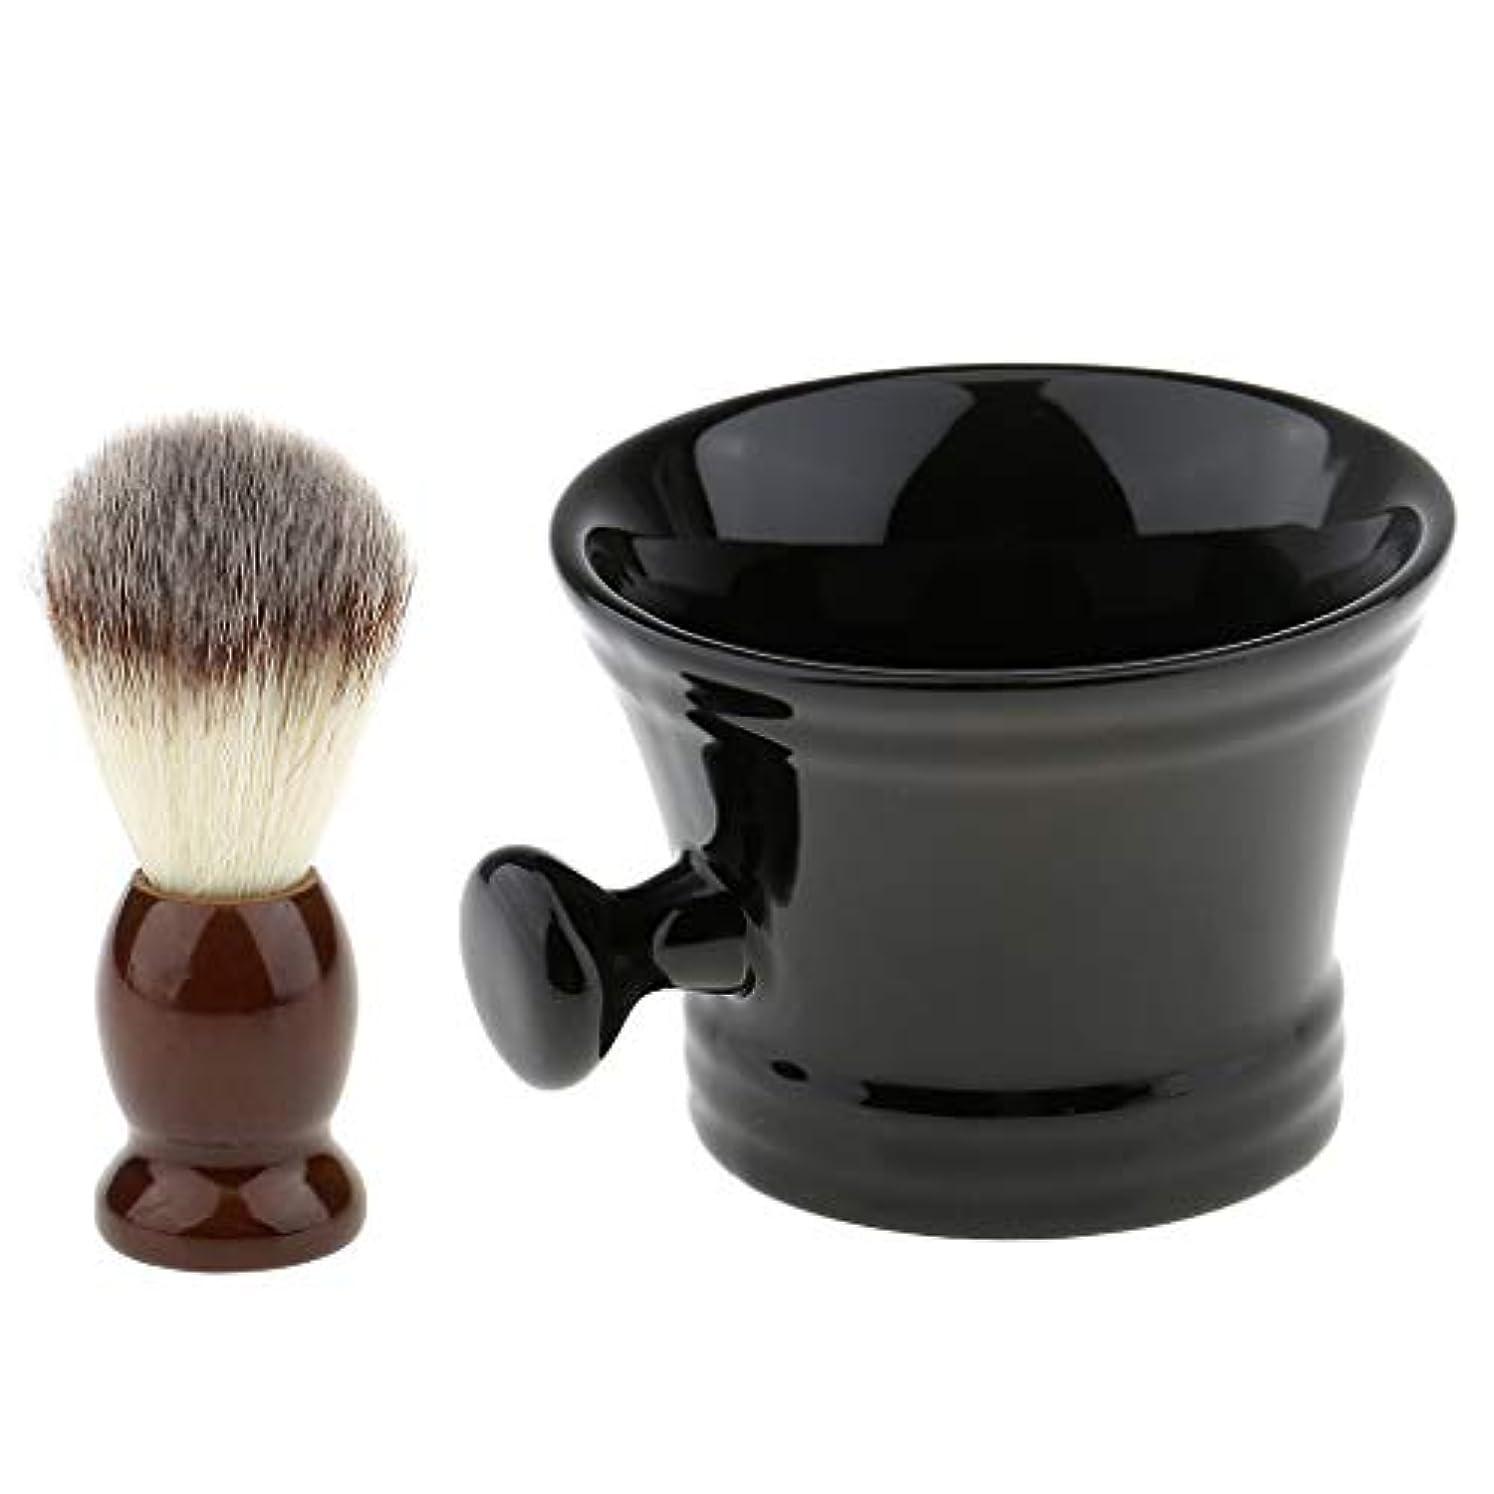 同級生谷着替えるメンズ シェービング 洗顔 髭剃り ひげブラシ セラミックボウル 泡立ち 理容 アクセサリー 2点セット